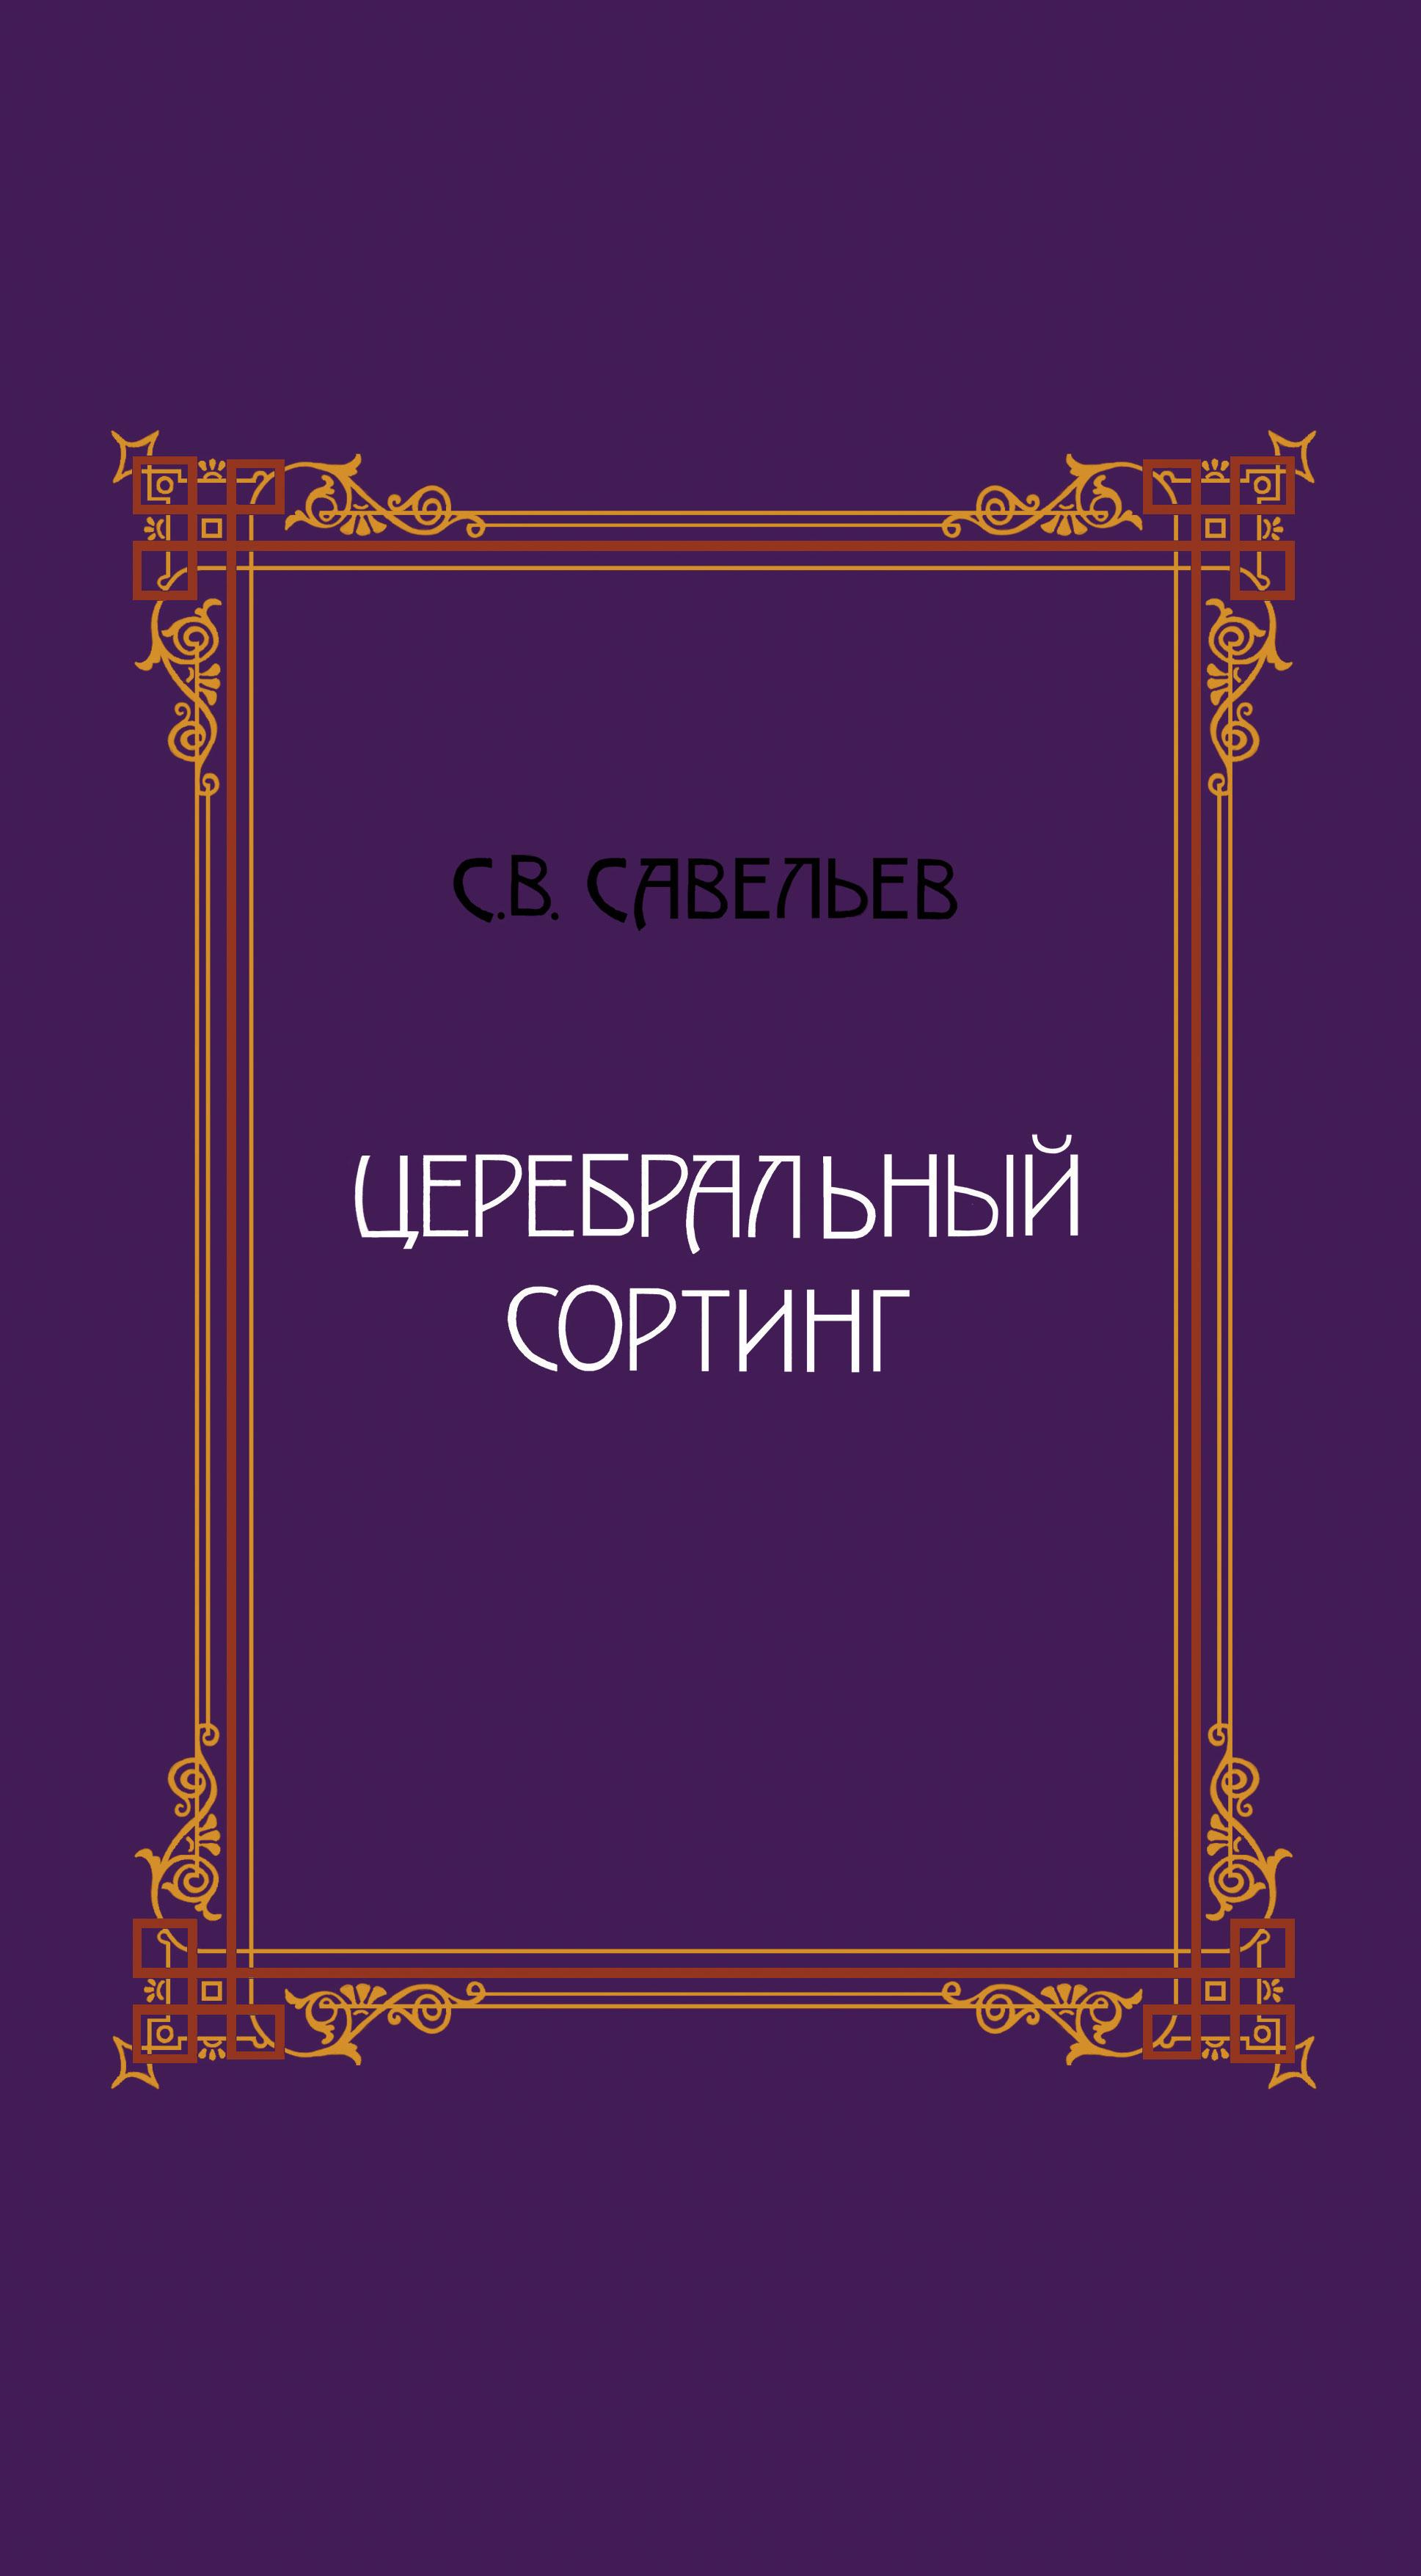 Скачать книги савельева бесплатно